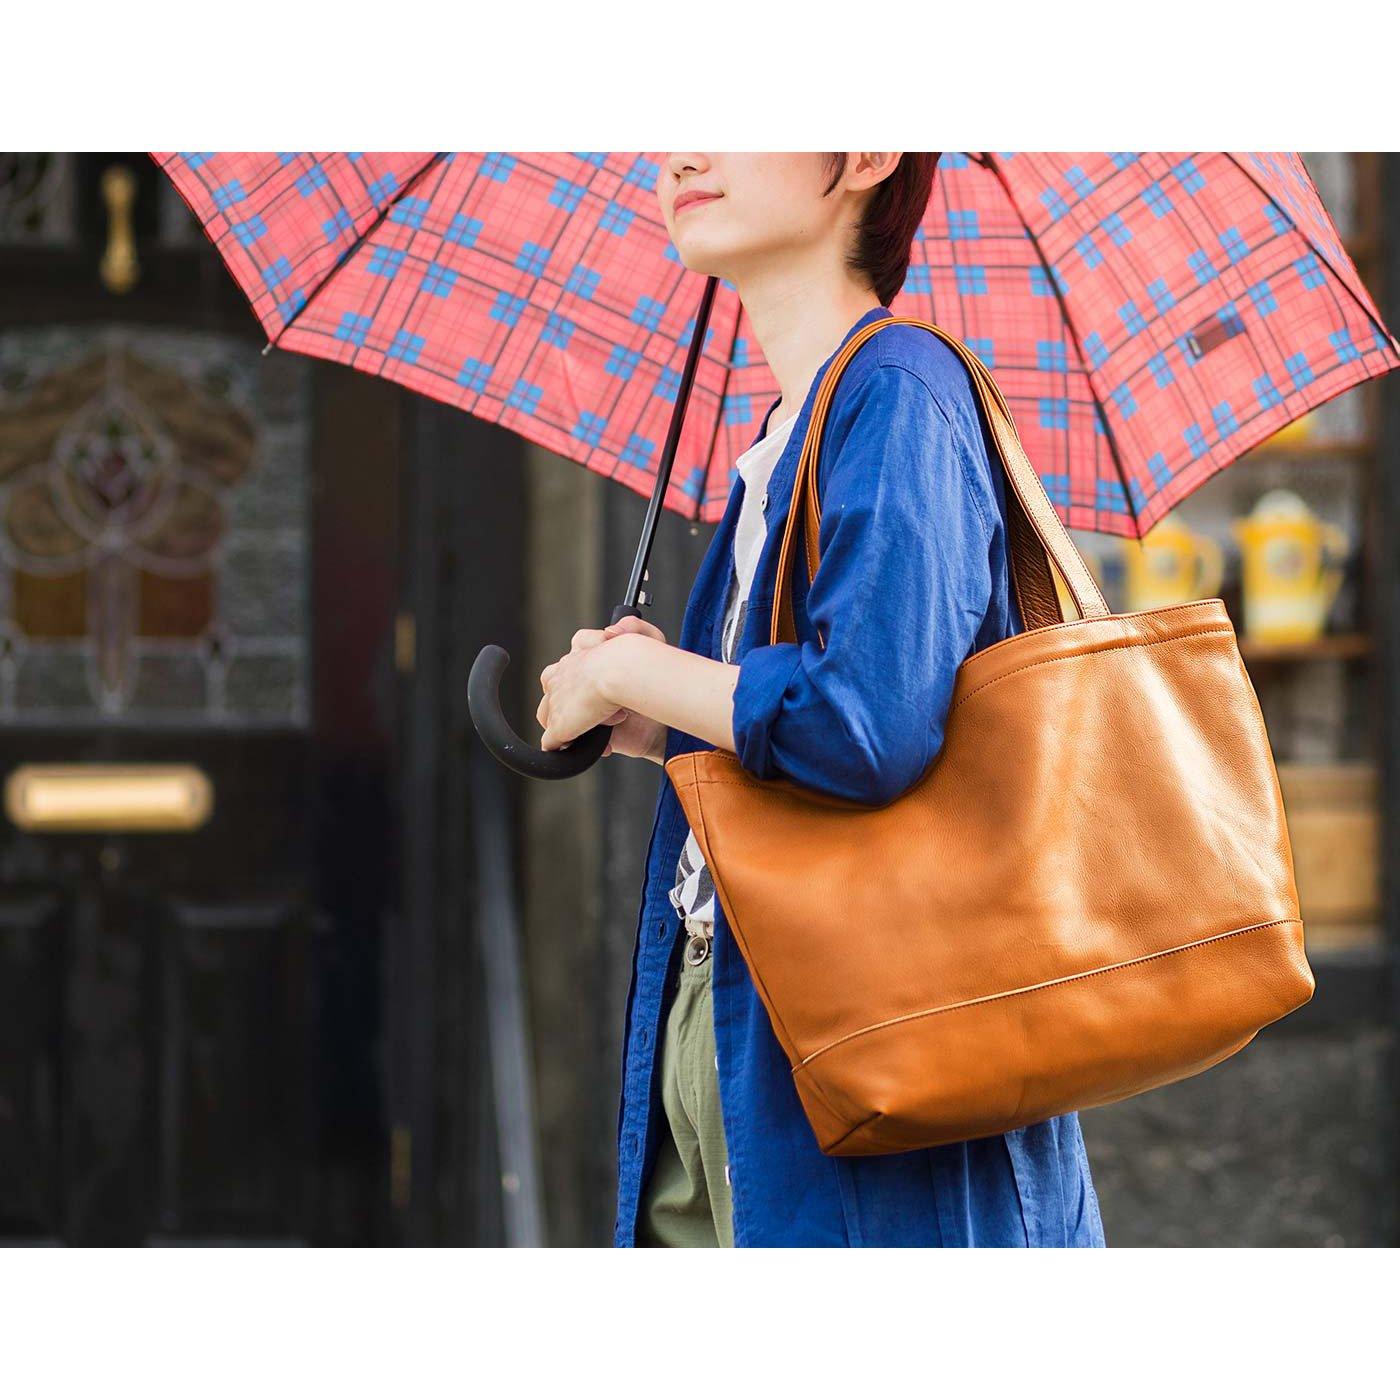 雨の日も一緒に 撥水(はっすい)加工レザーのデイリートートバッグ〈アンバーブラウン〉[本革 バッグ:日本製]